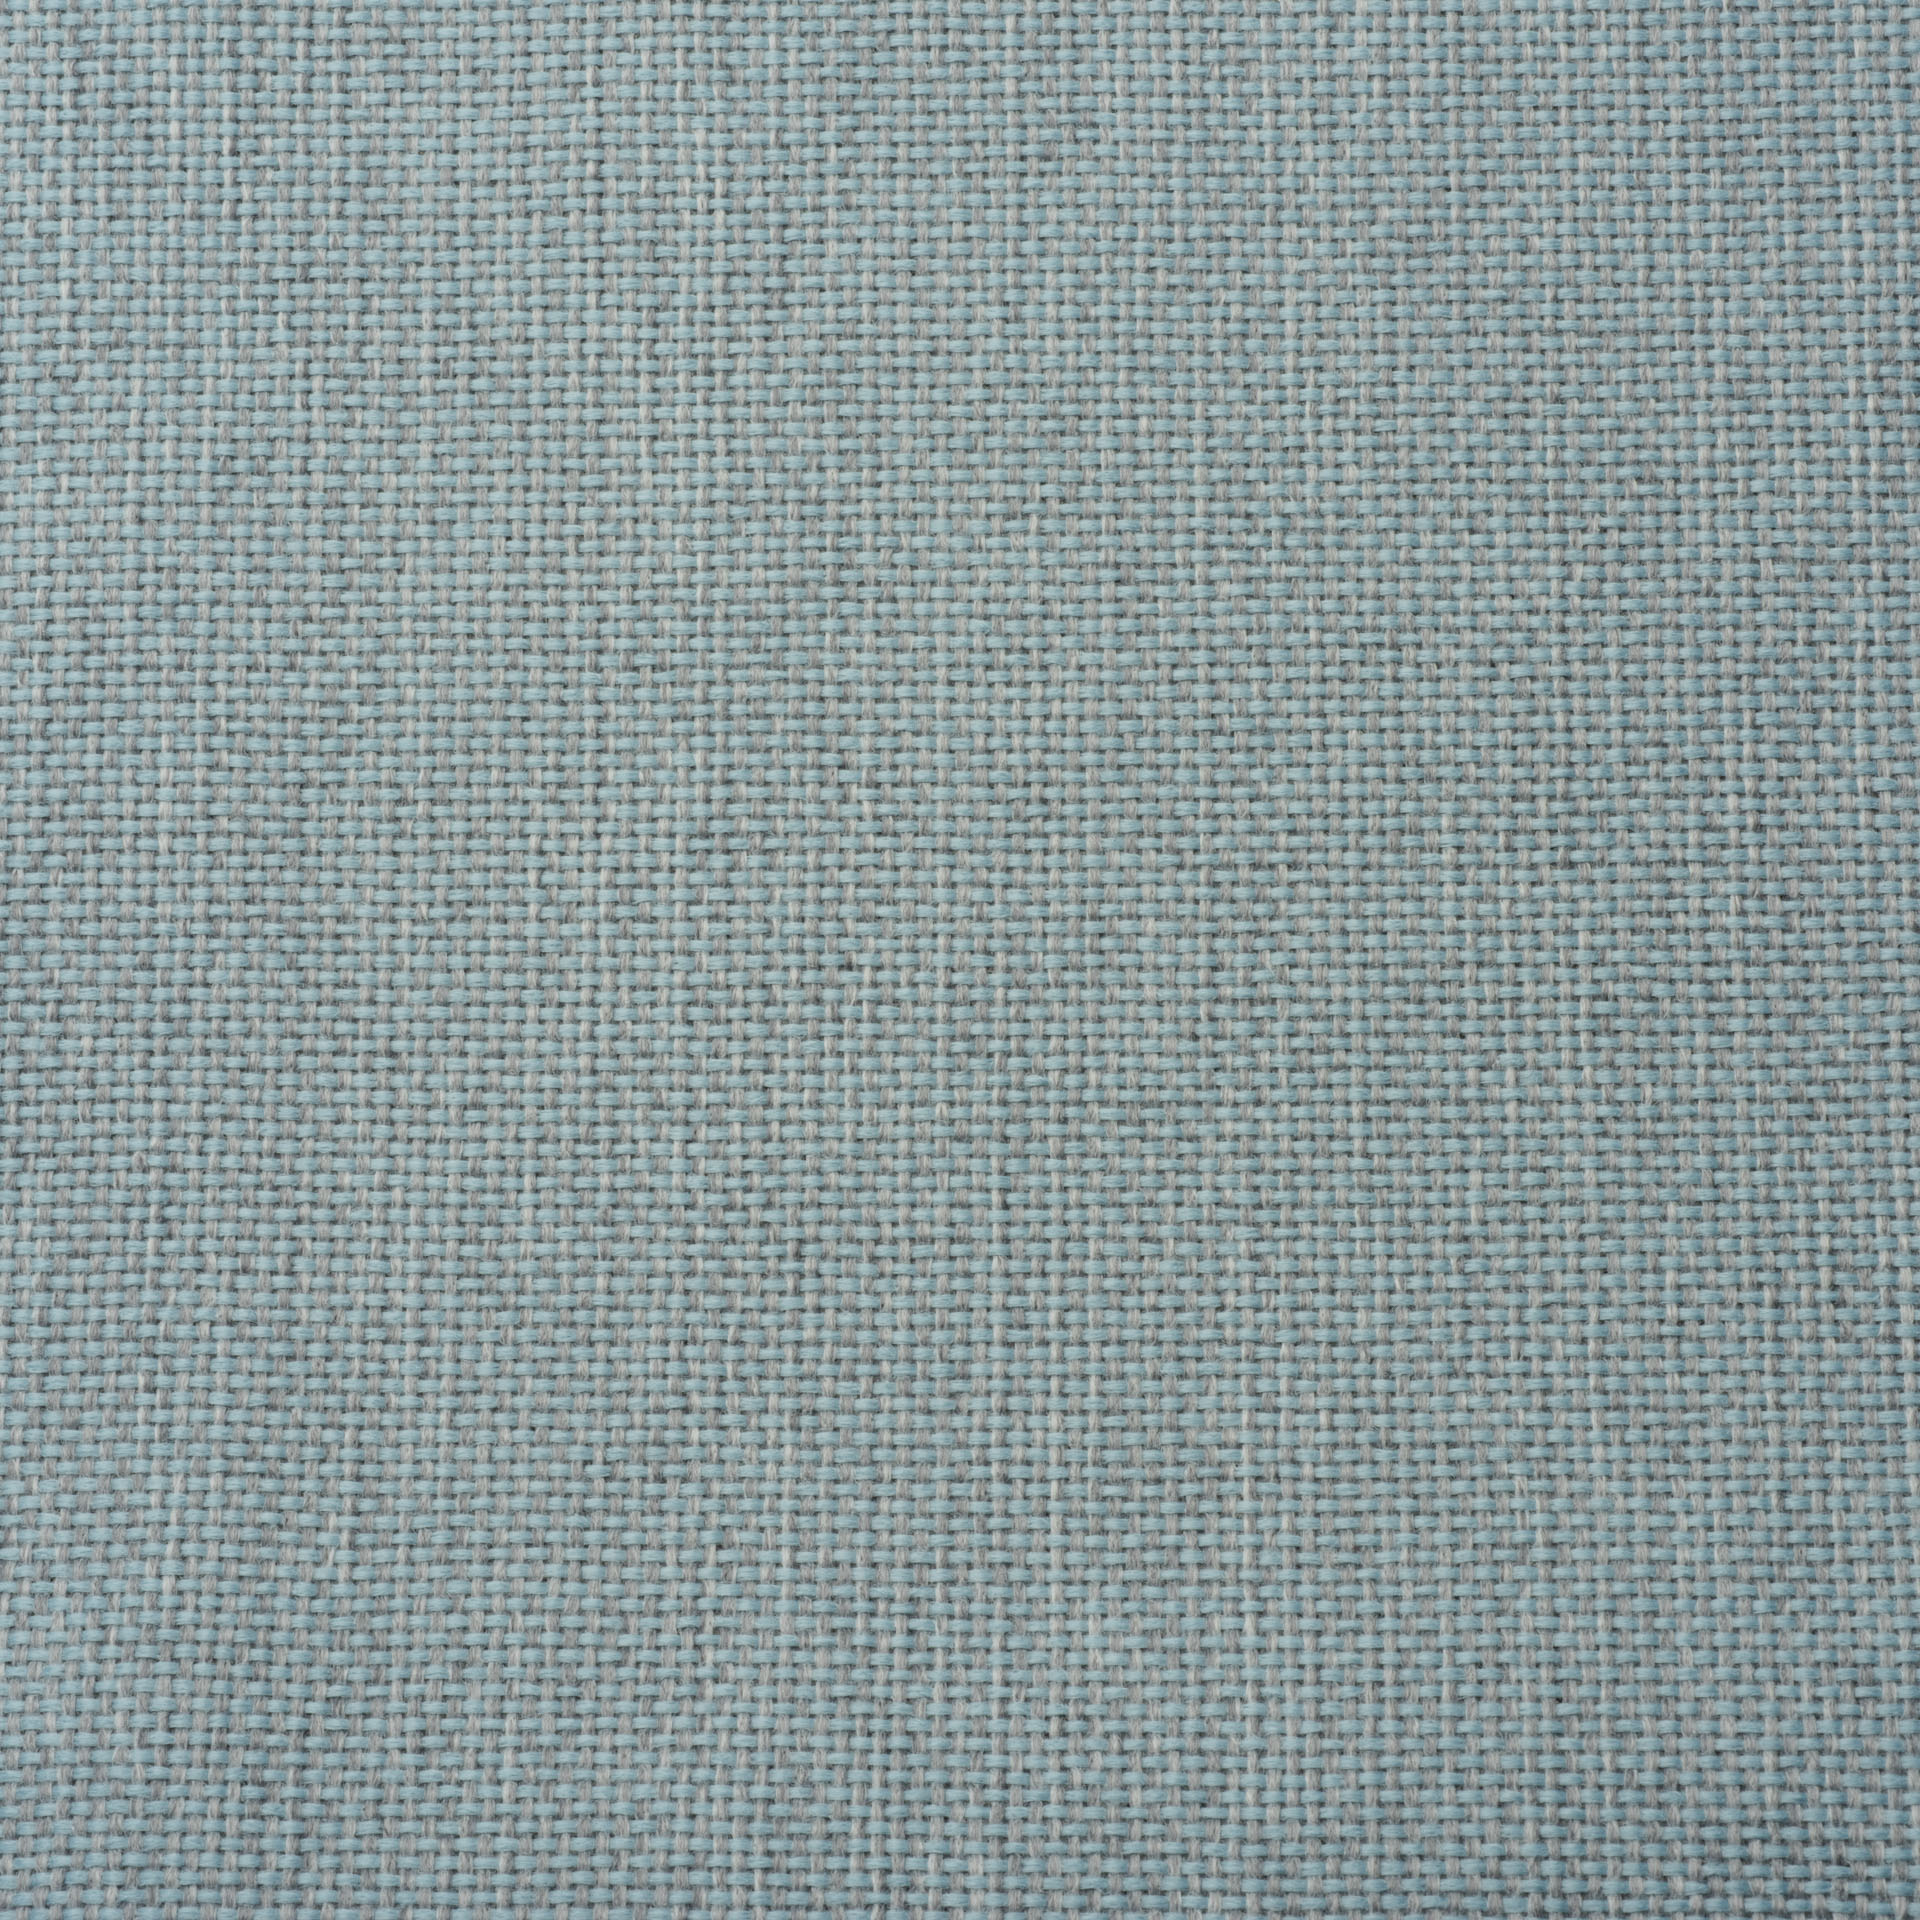 Коллекция ткани Инарис 72,  купить ткань Рогожка для мебели Украина